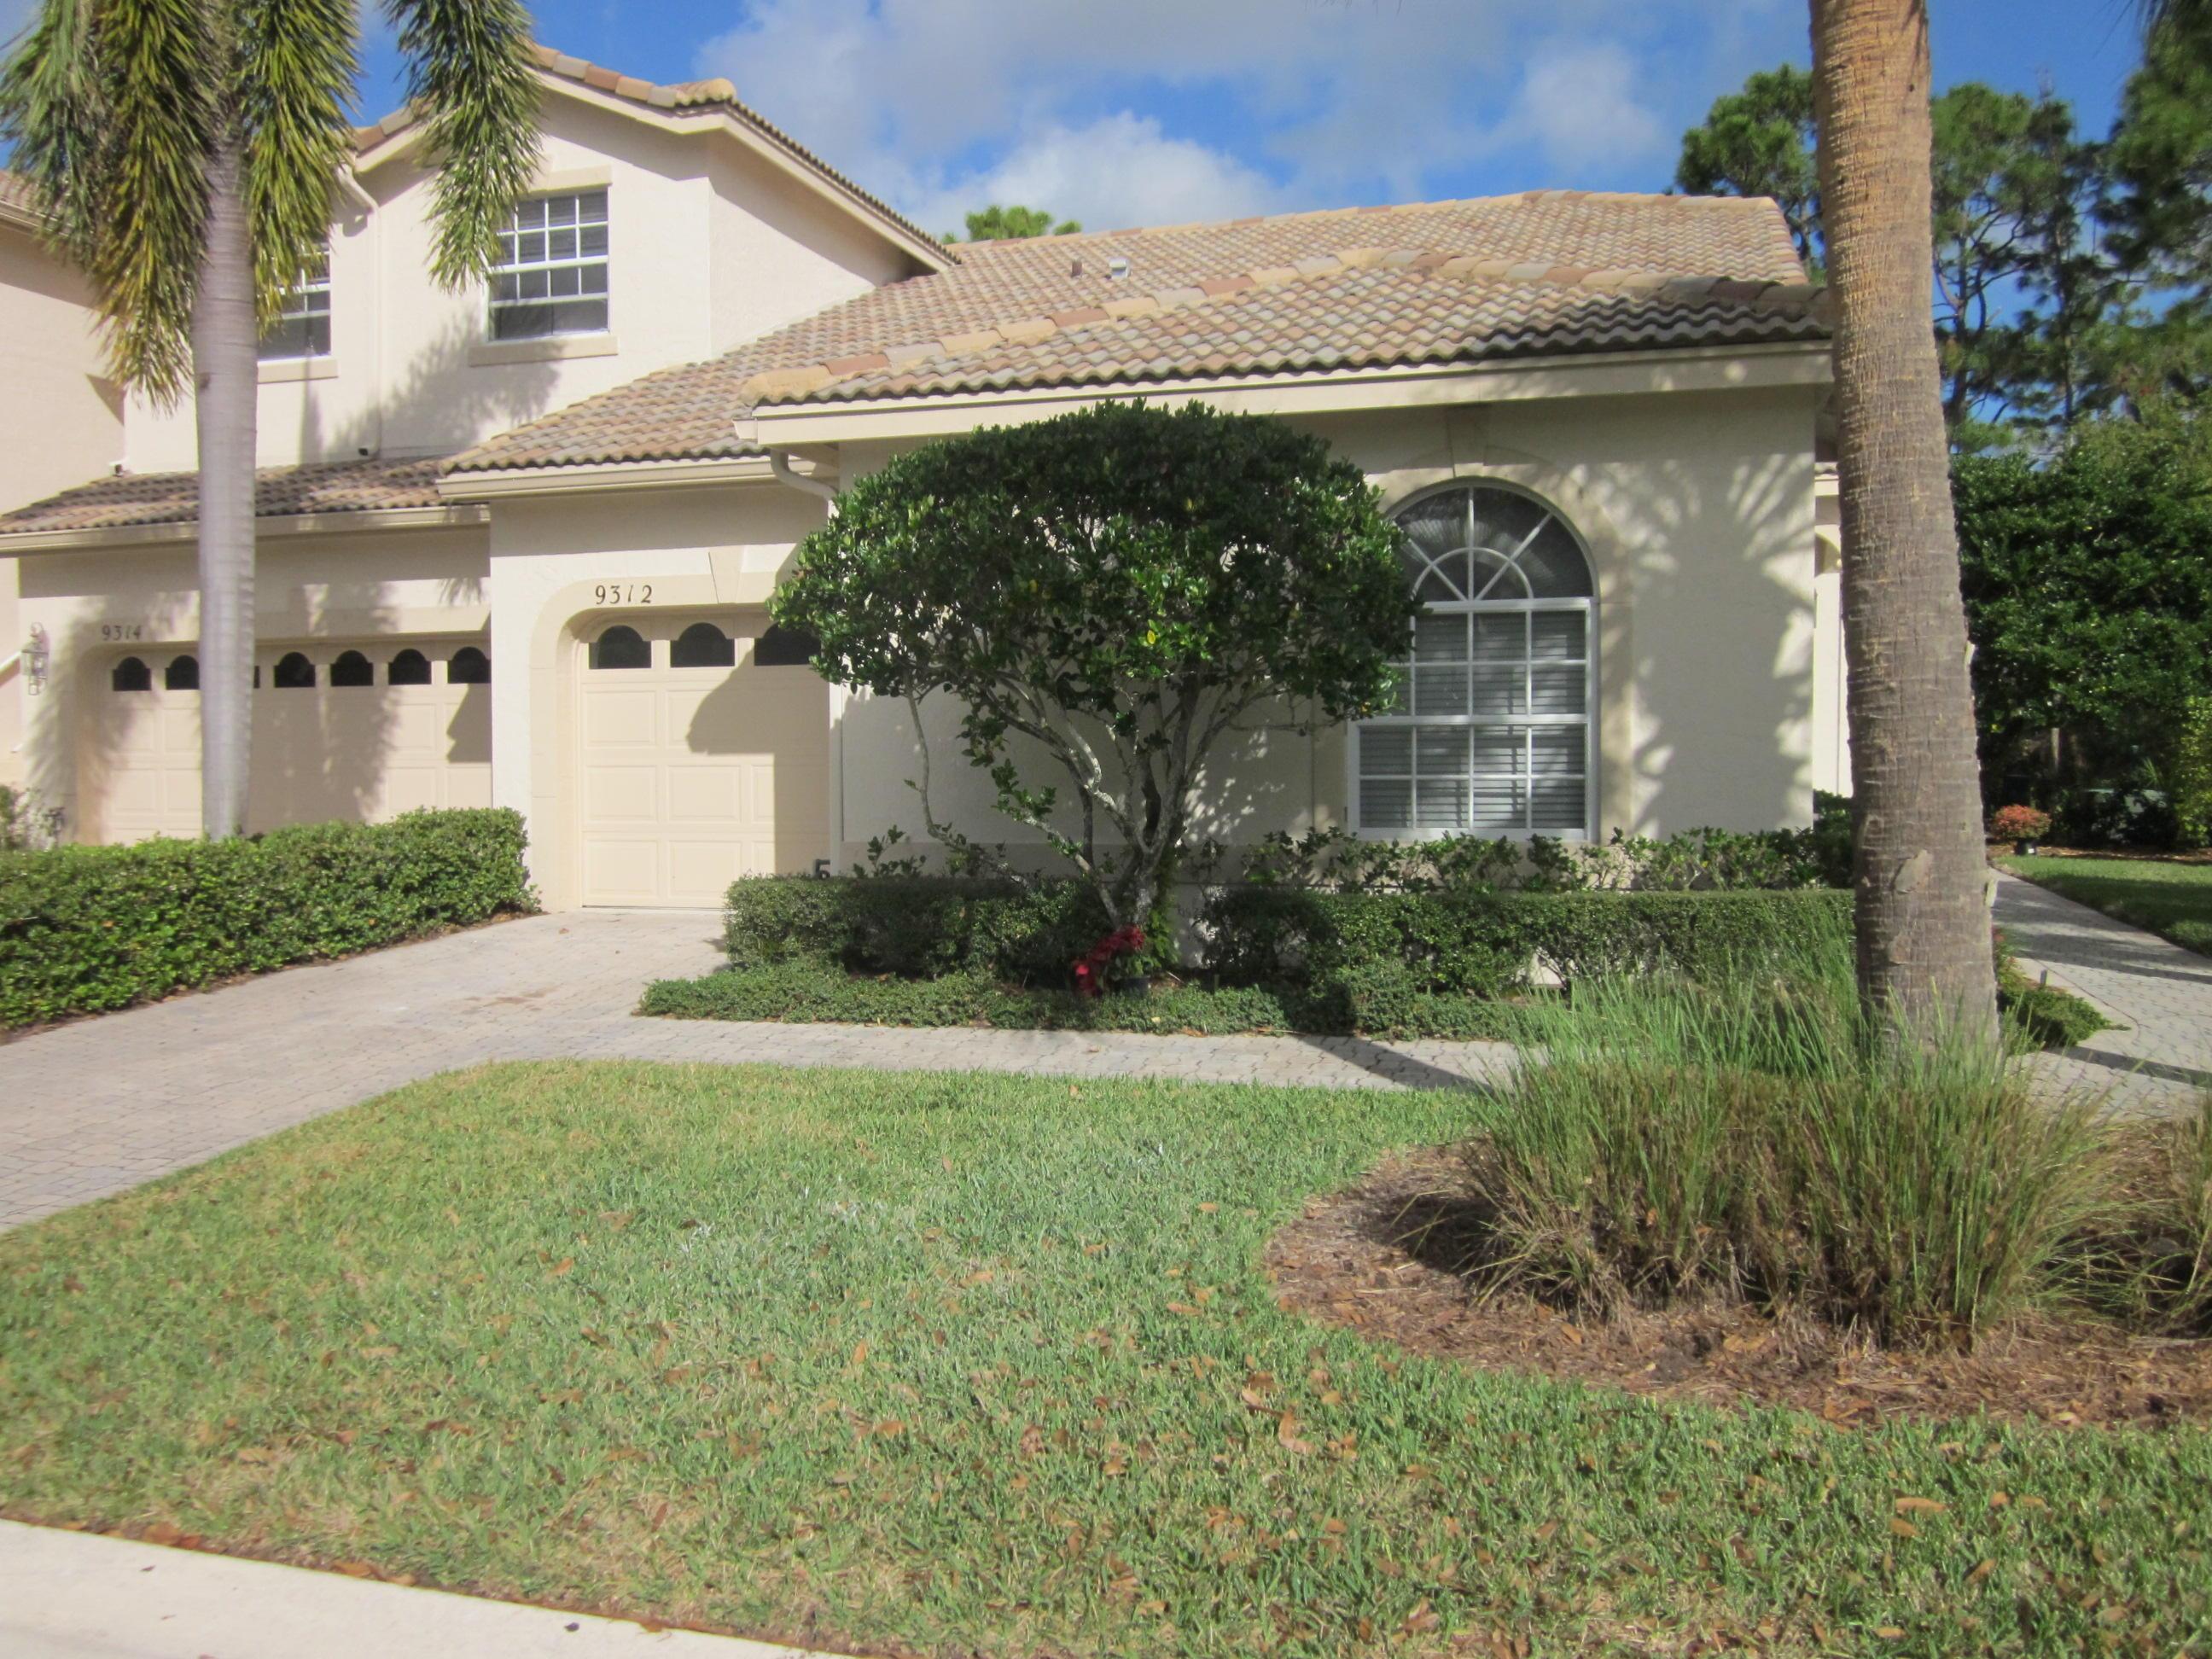 9312  Wentworth Lane, Port Saint Lucie, Florida